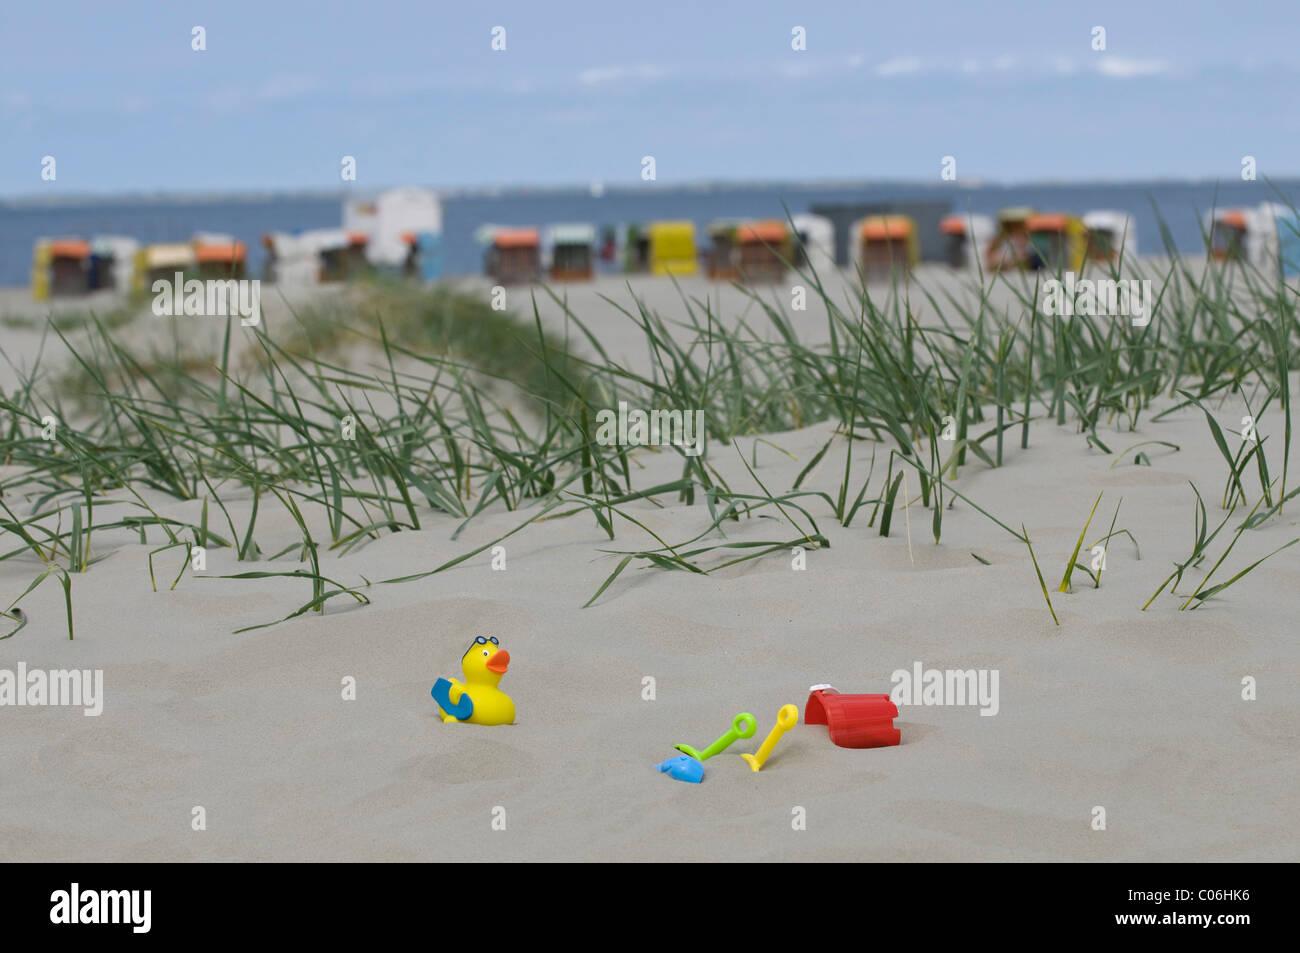 Vacances, les jouets pour enfants sur une dune de sable en face de chaises de plage en osier couvert sur une plage Photo Stock